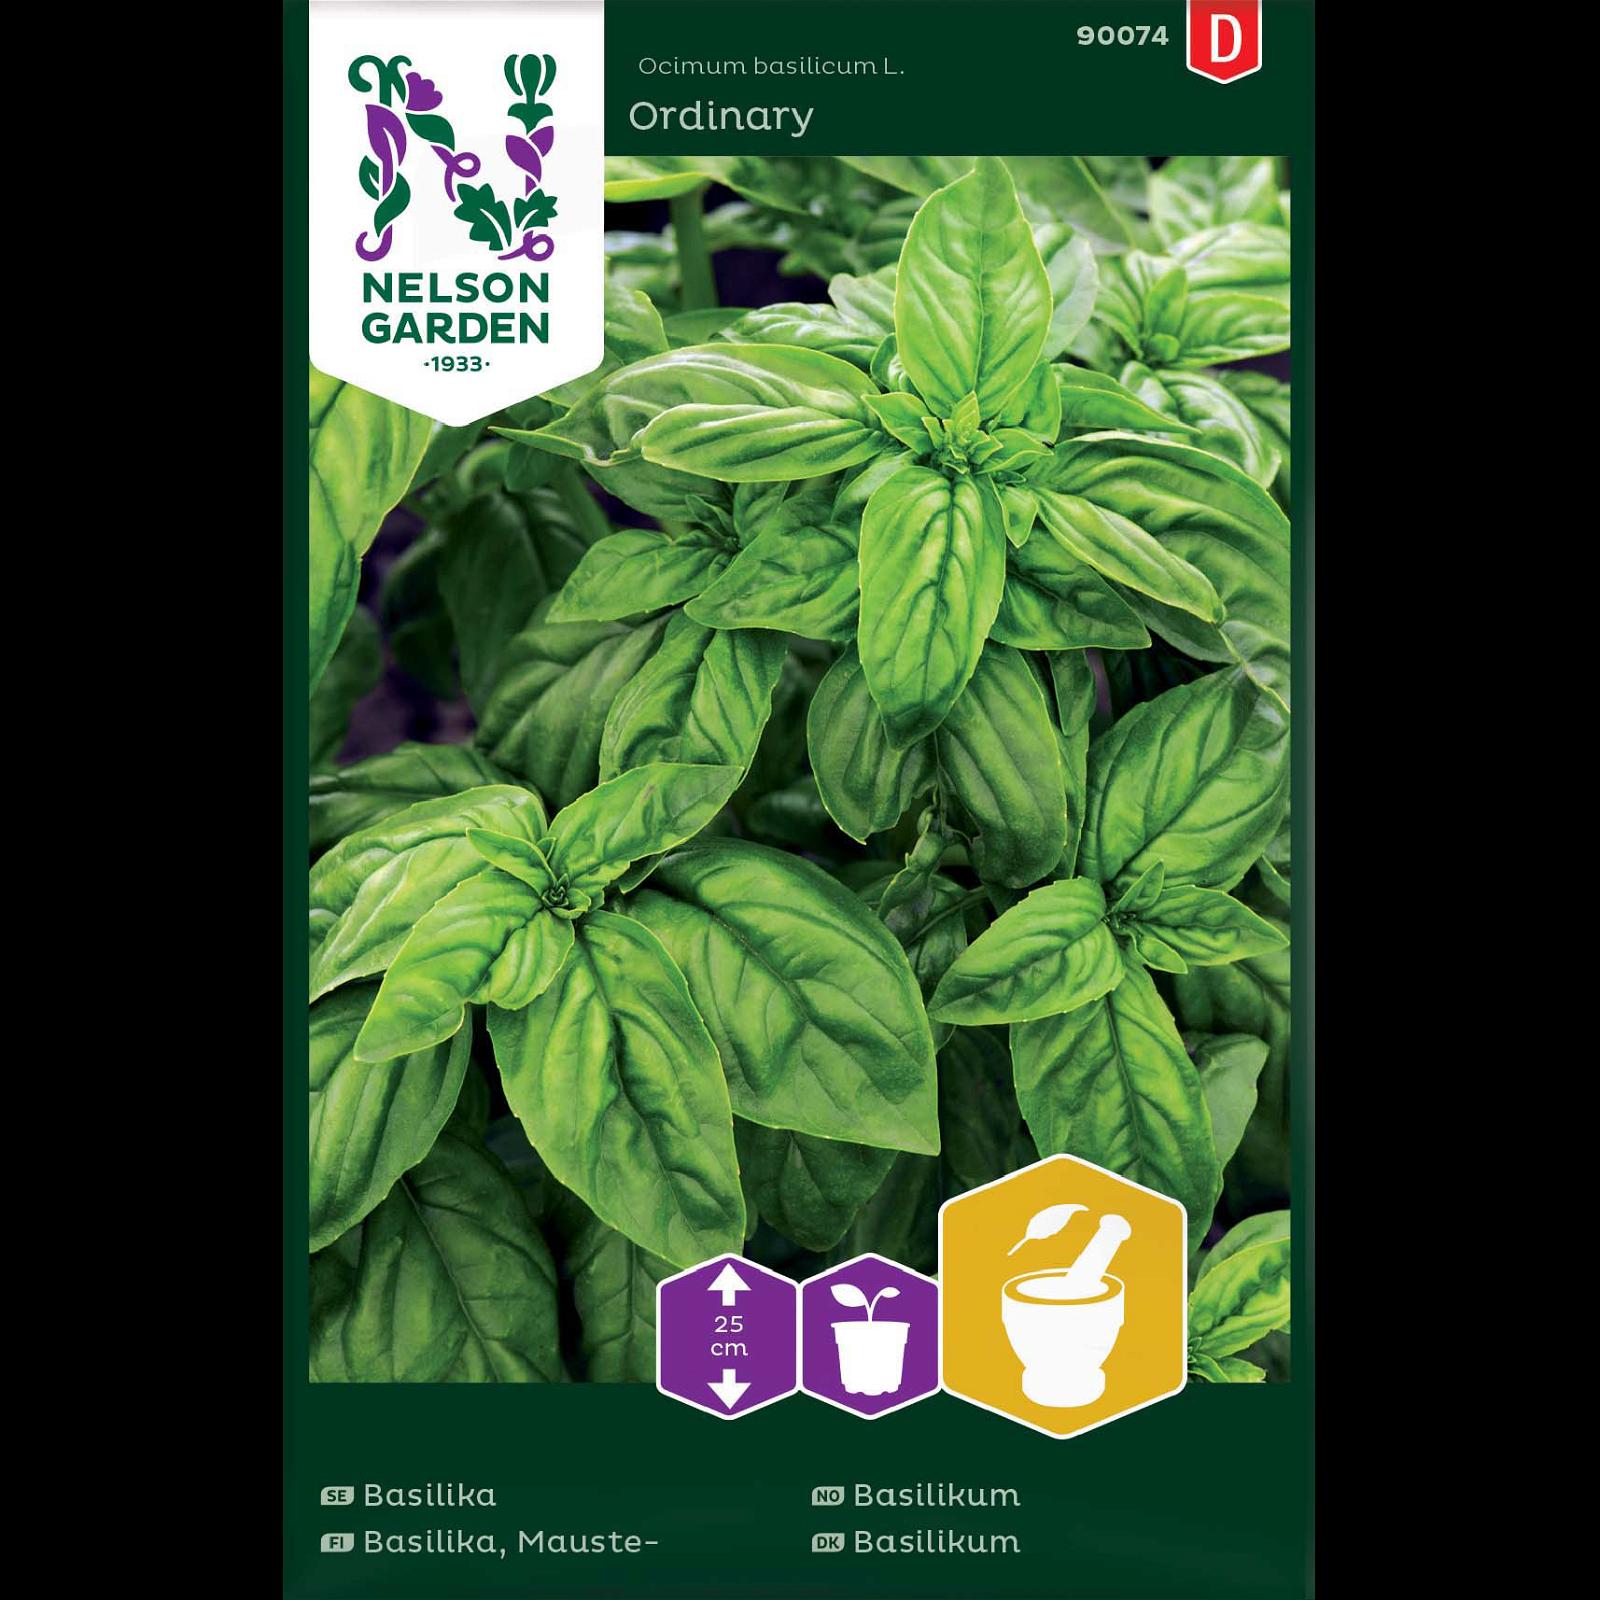 Basilikum, glatbladet, grøn